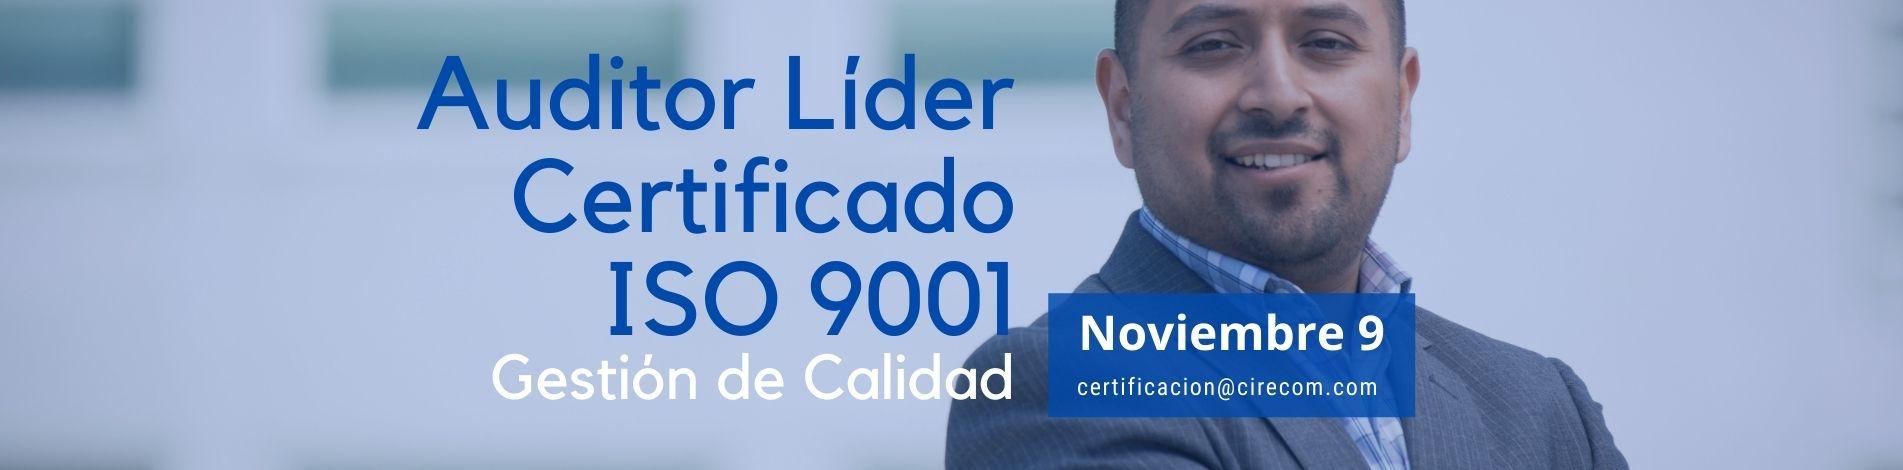 Auditor Líder ISO 9001 - Noviembre 9